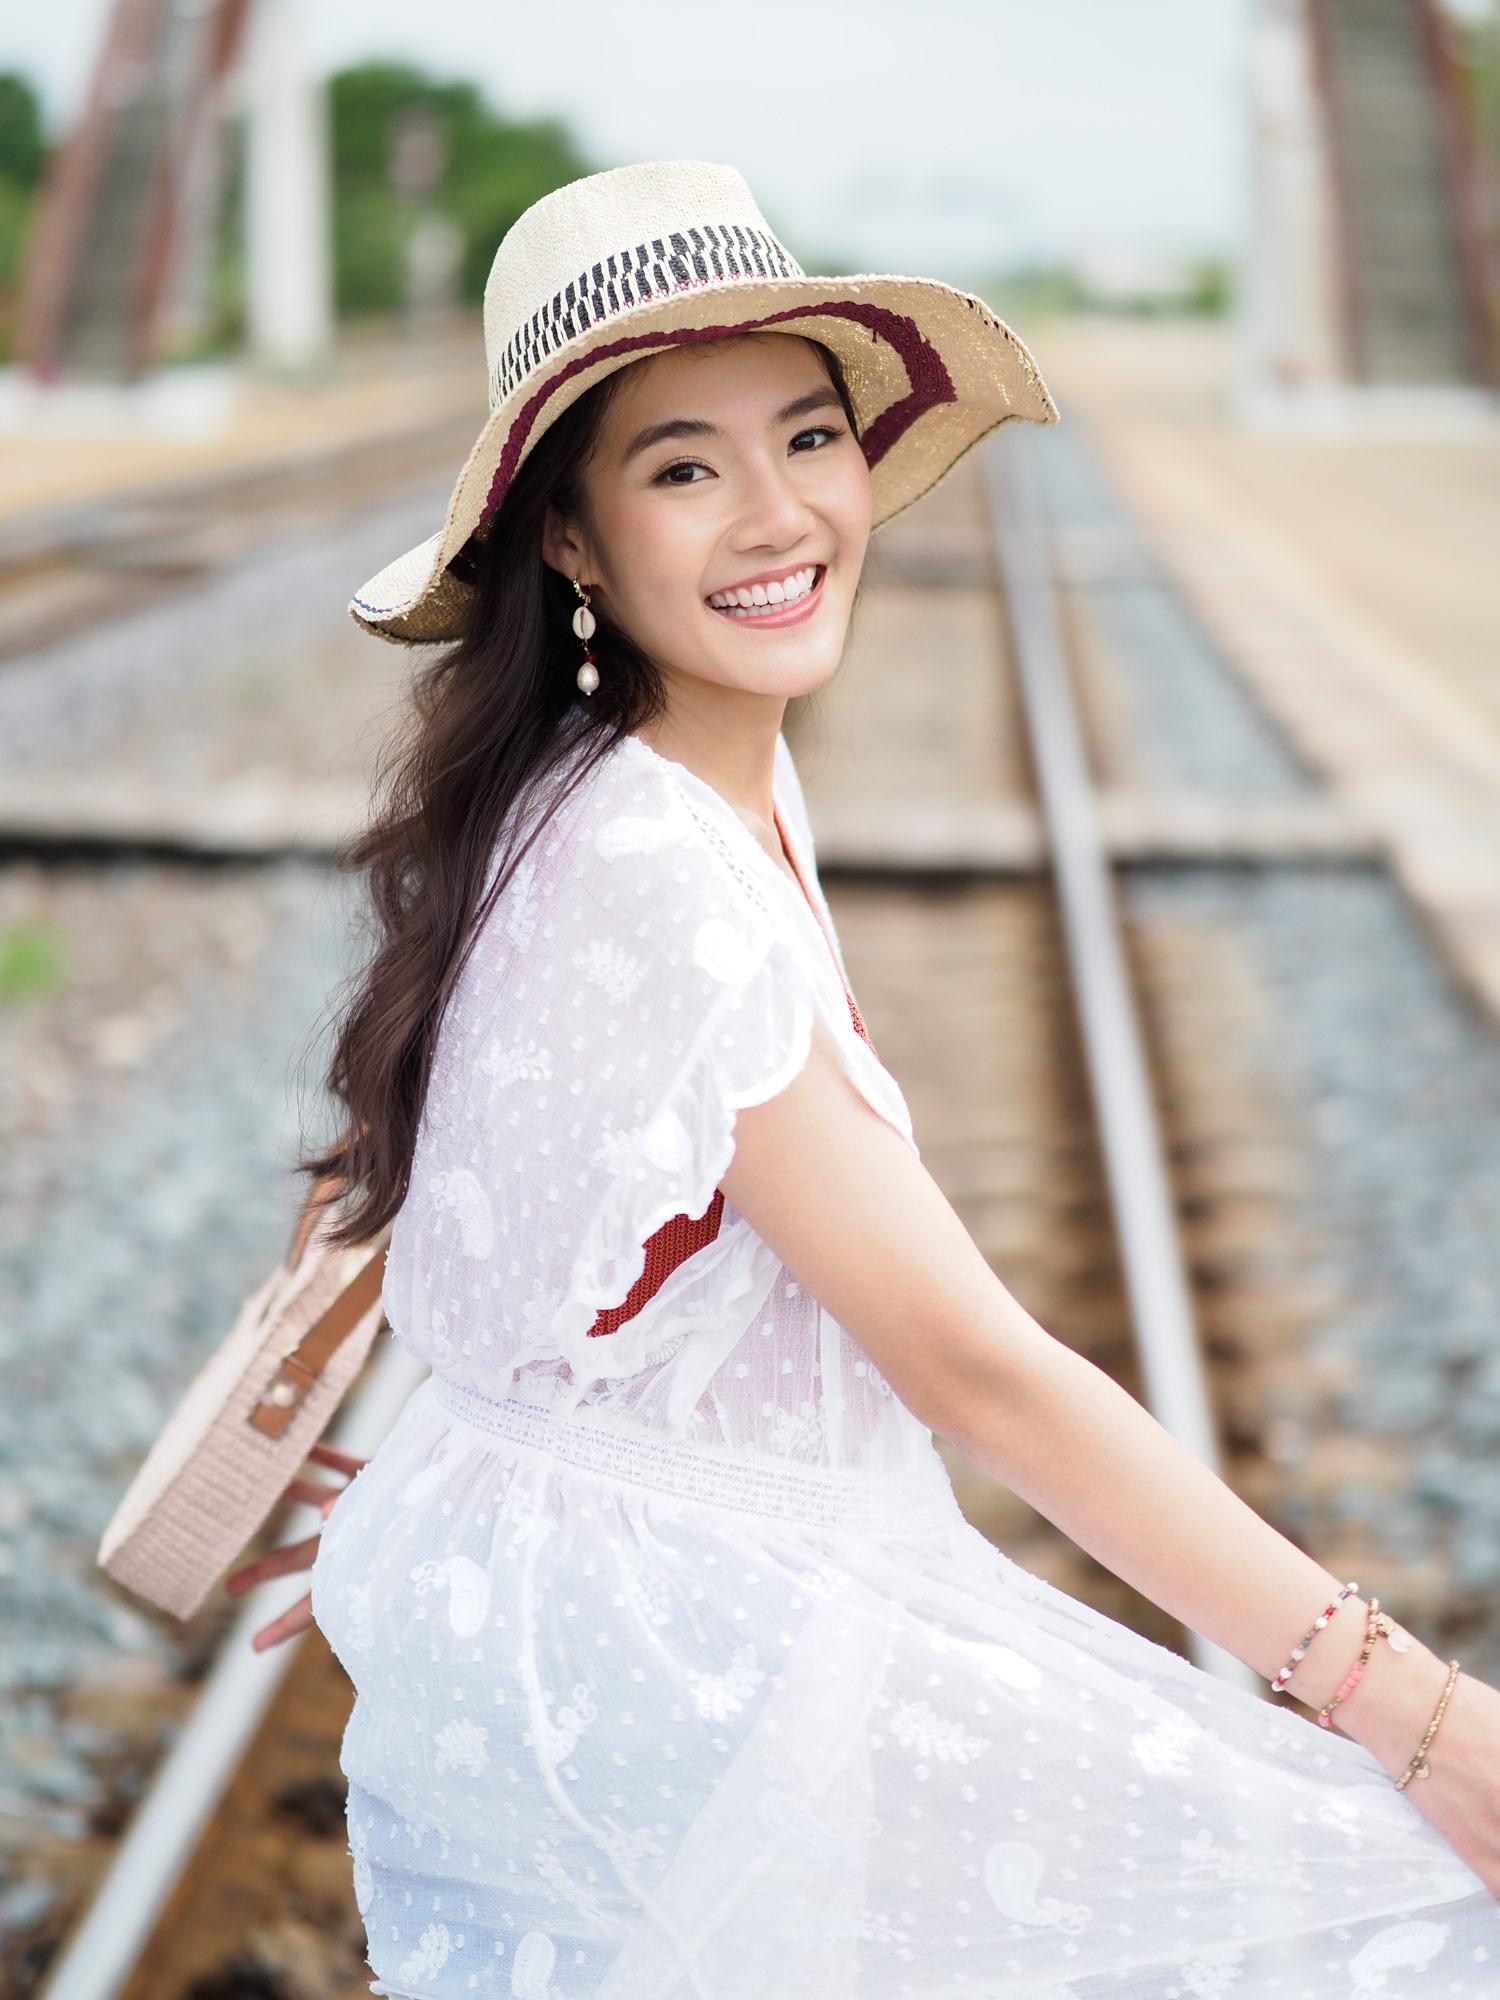 Frau mit Hut auf Bahngleisen